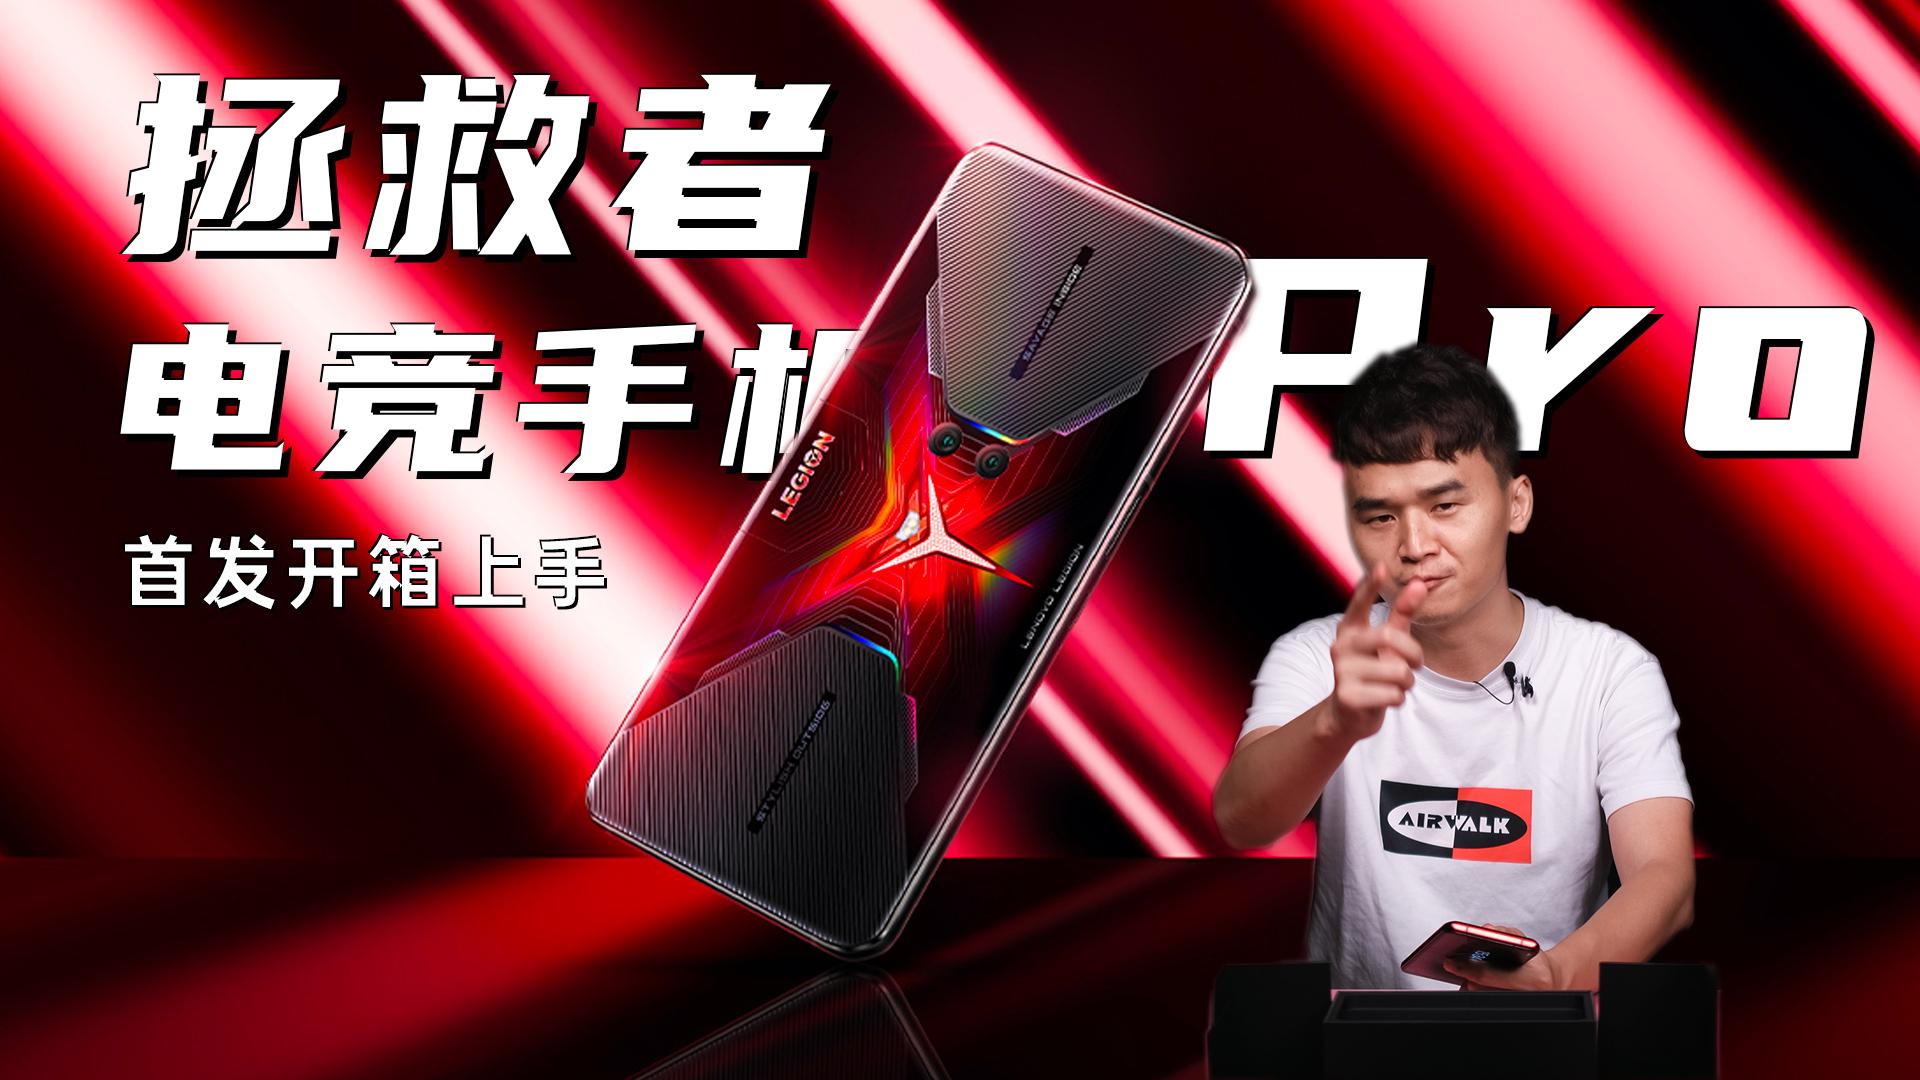 「趣推荐」游戏手机堆起料来能有多猛?首发骁龙865 Plus的拯救者电竞手机Pro上手体验!